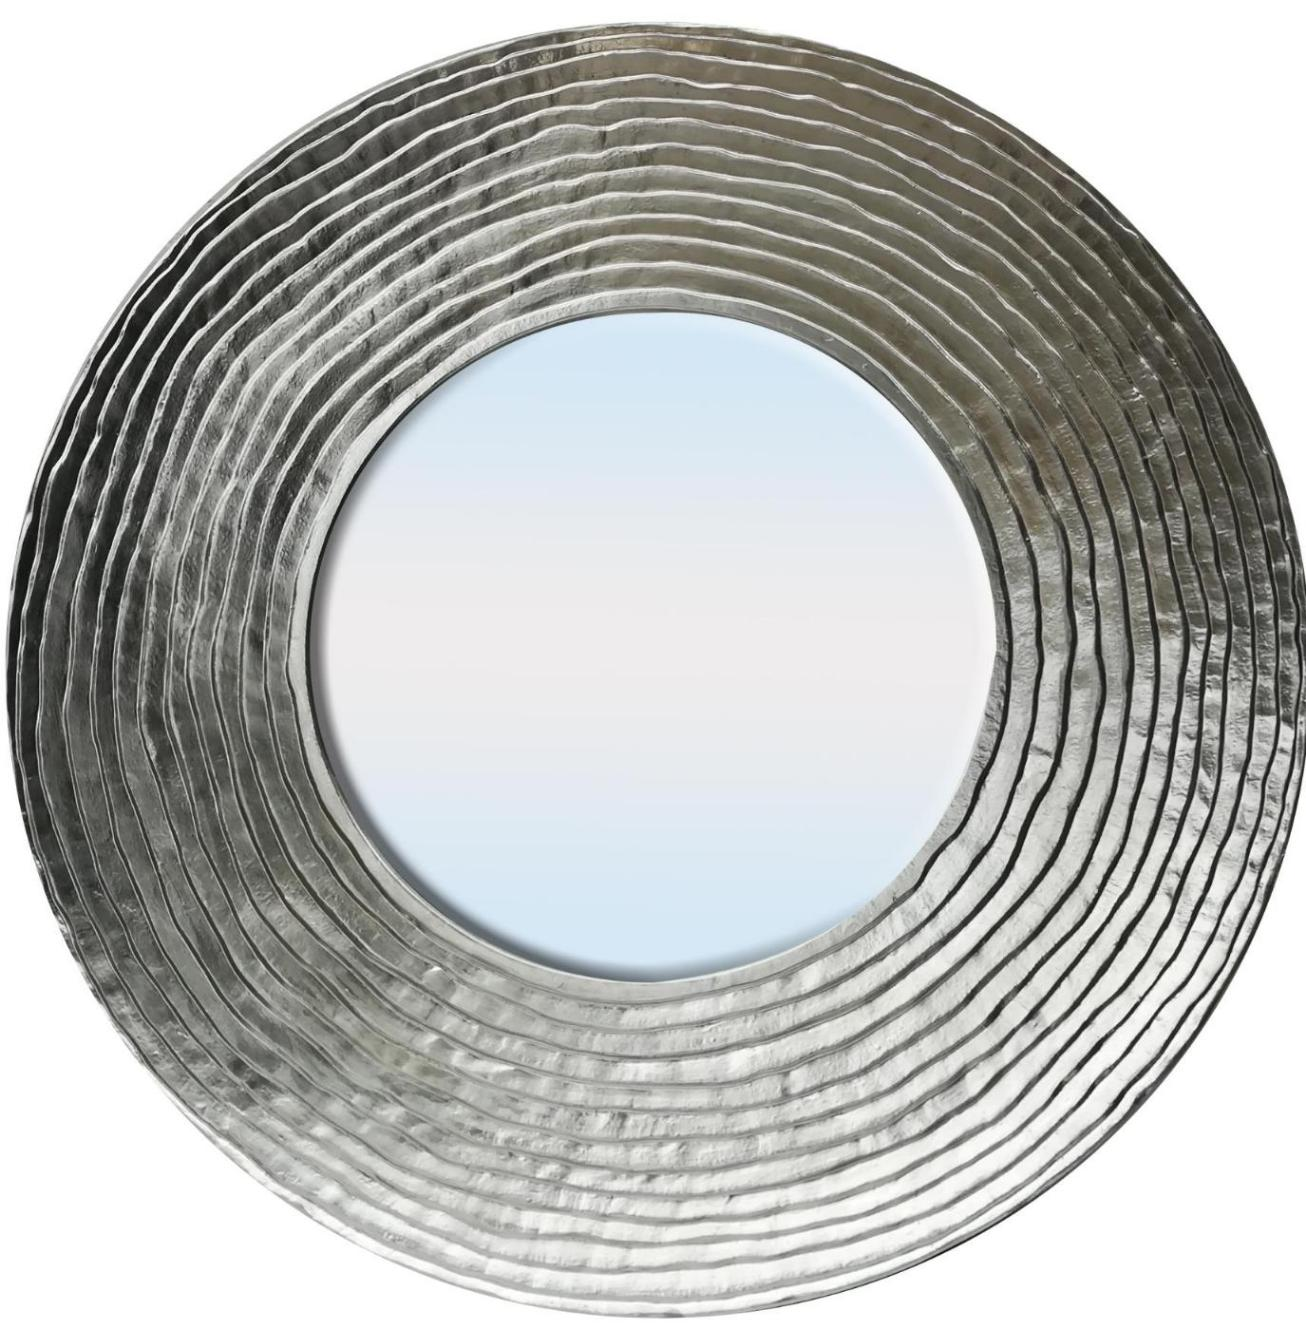 Spiegel rund 'Earth' D108cm, 1 Stück